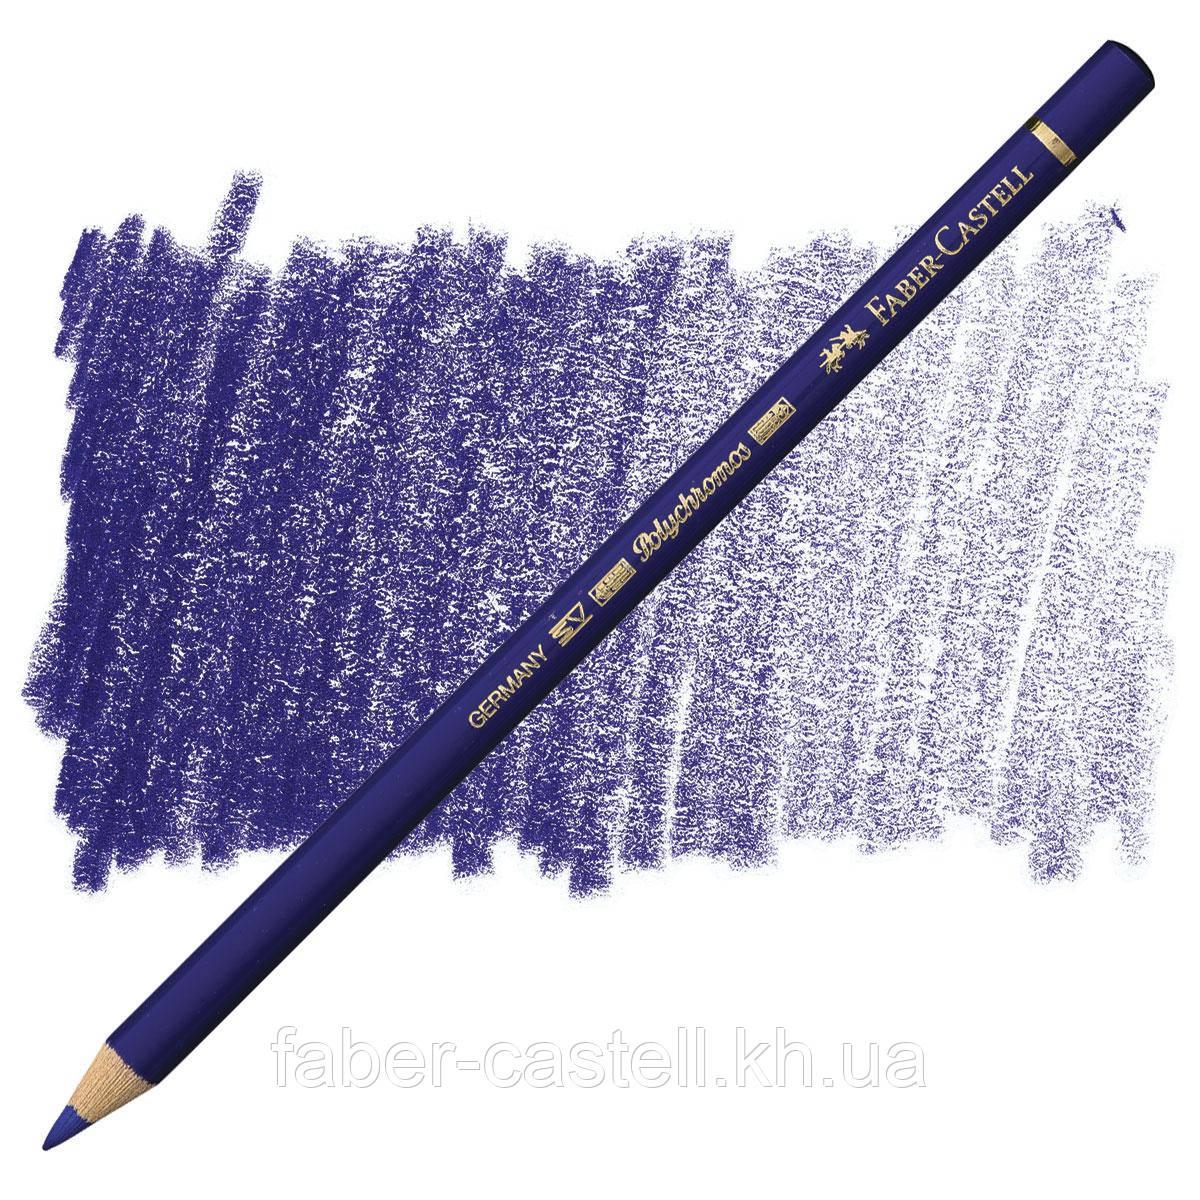 Олівець кольоровий Faber-Castell POLYCHROMOS фаянсовий синій №141 (Delft Blue), 110141